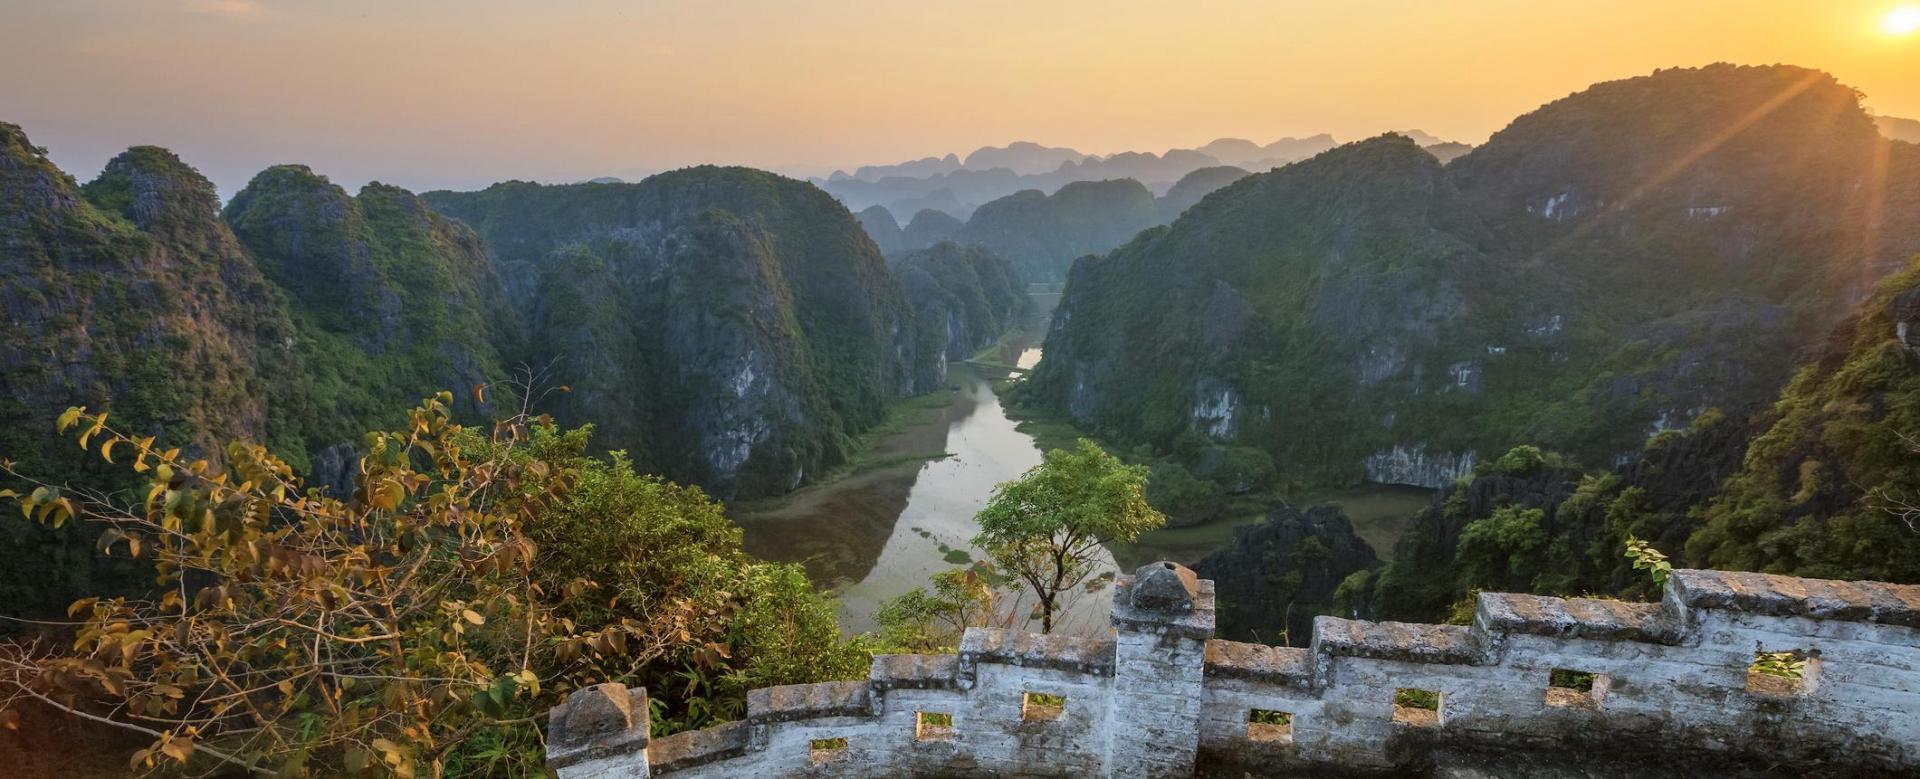 Voyage à pied : La haute route du nord vietnam